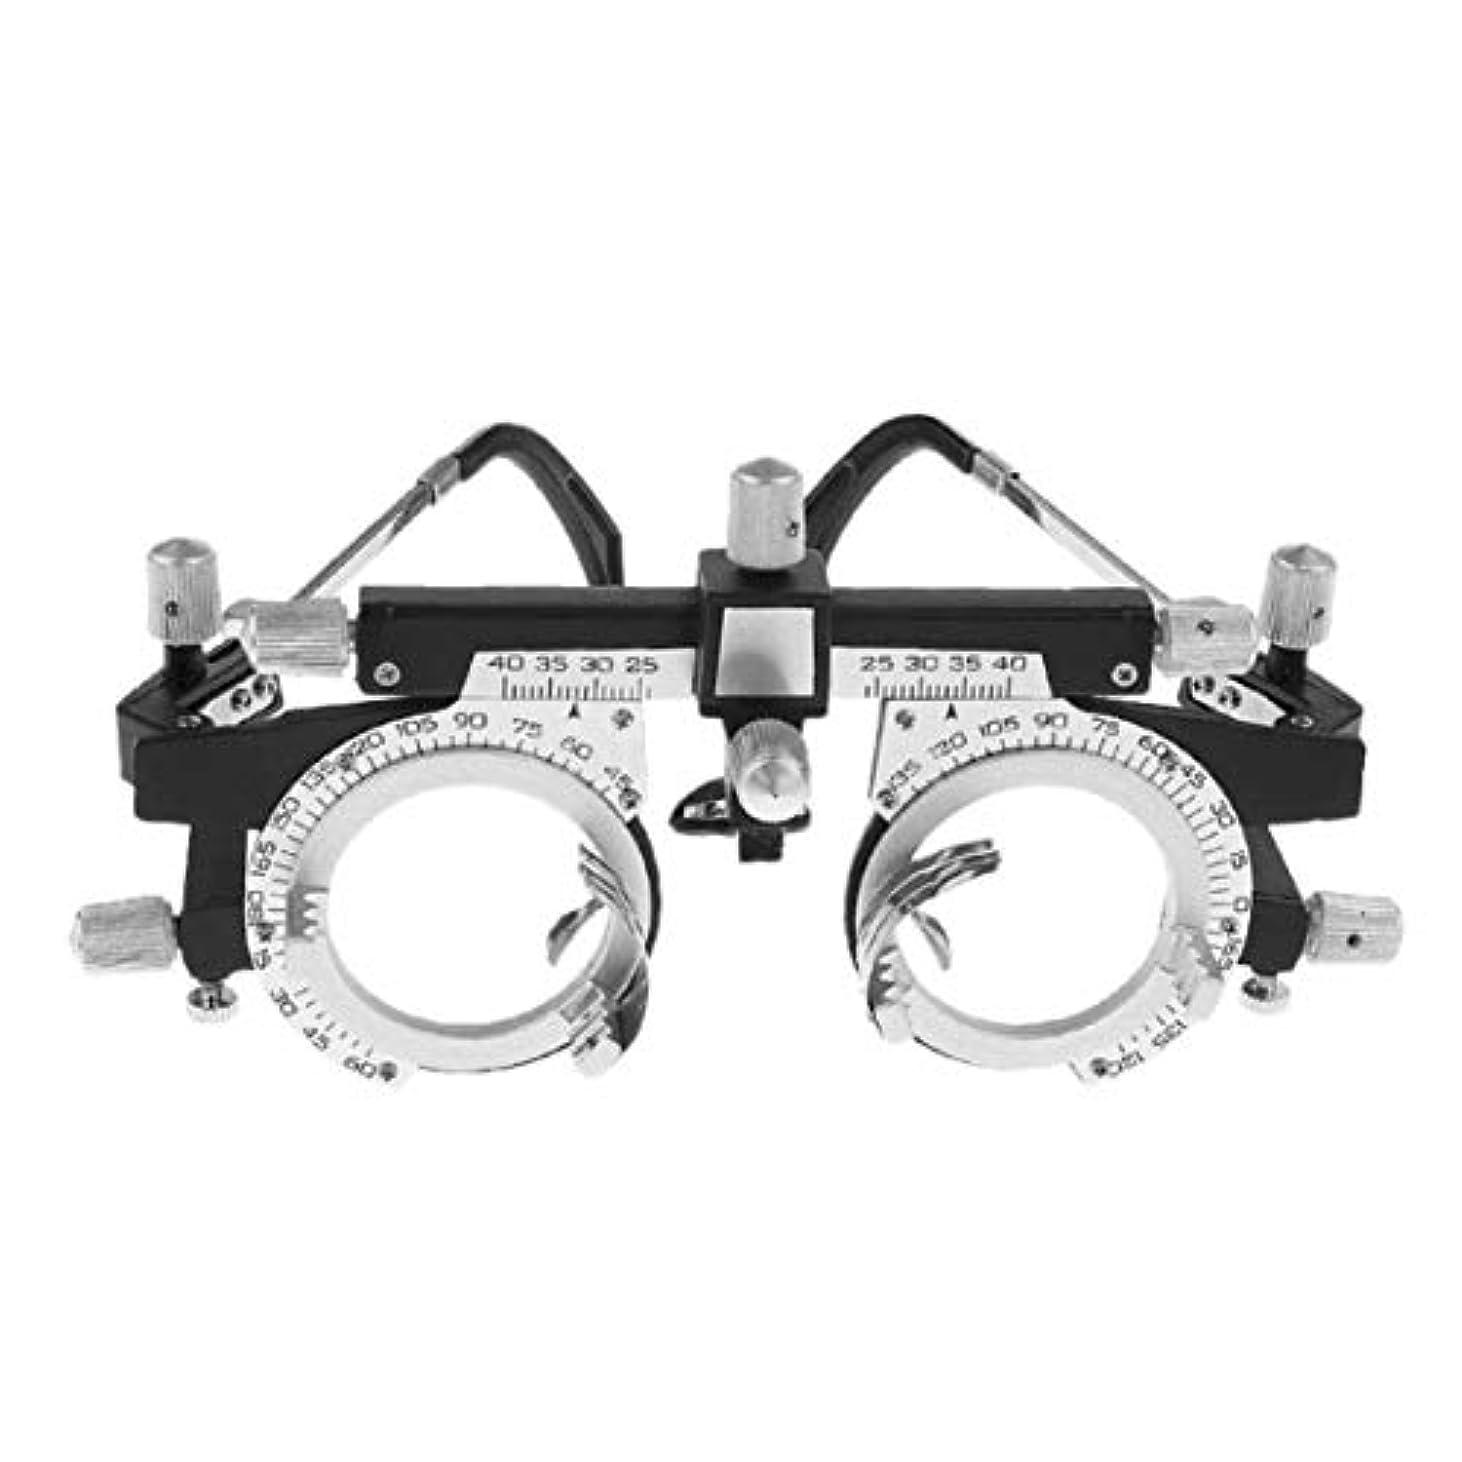 上院議員落胆させる確認する調節可能なプロフェッショナルアイウェア検眼メタルフレーム光学オプティクストライアルレンズメタルフレームPDメガネアクセサリー - シルバー&ブラック